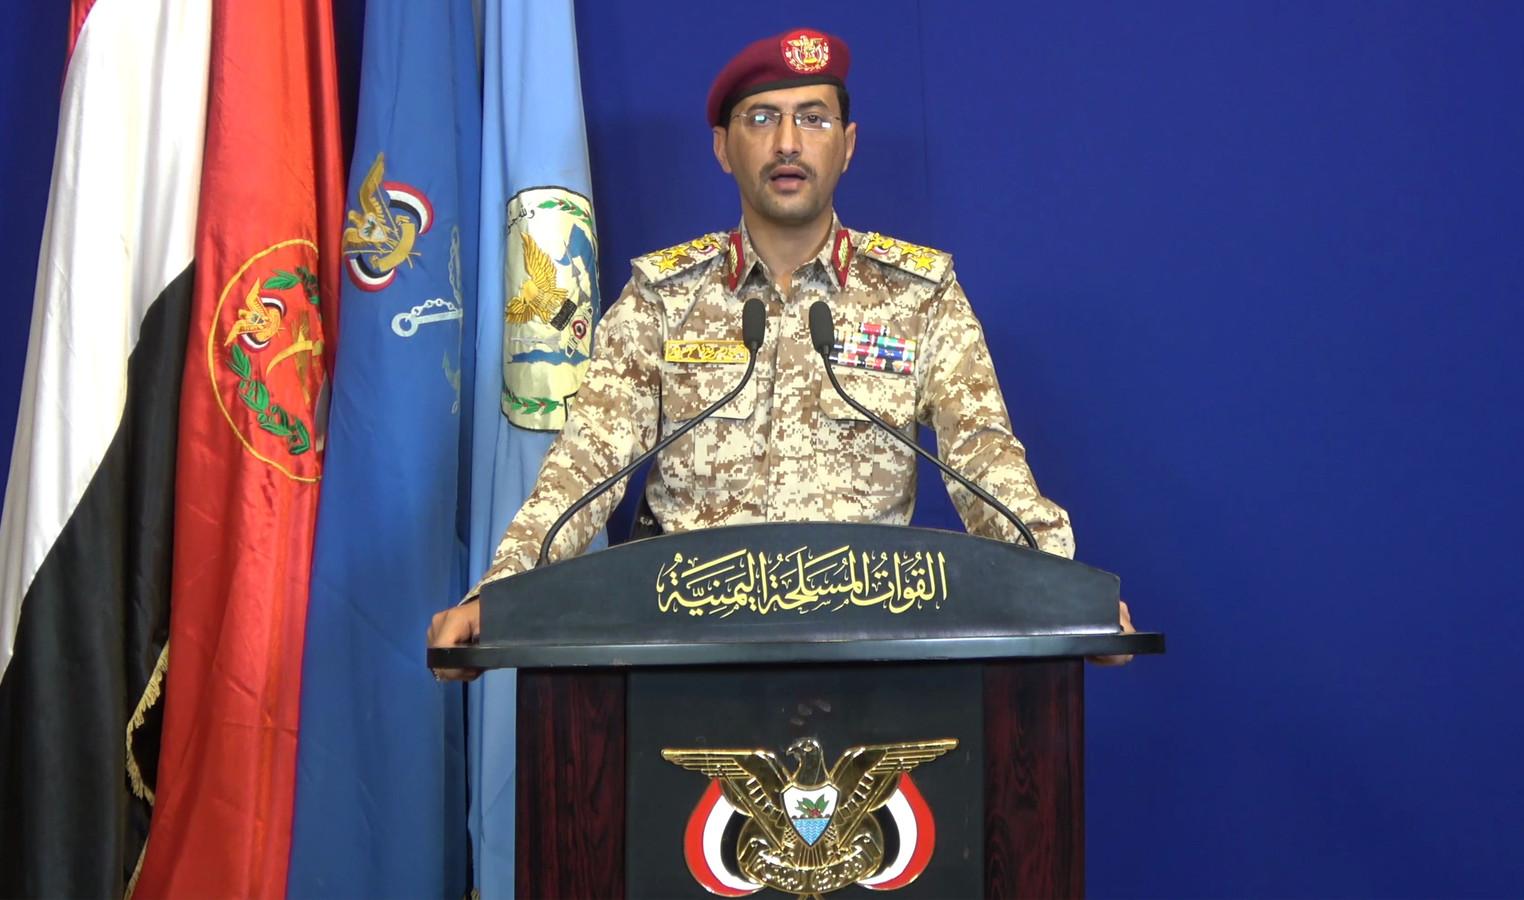 Generaal Yahya Sarre eist namens de Houthi-rebellen in Jemen de aanvallen met drones waarmee grote schade wordt toegebracht aan Saoedische olie-installaties